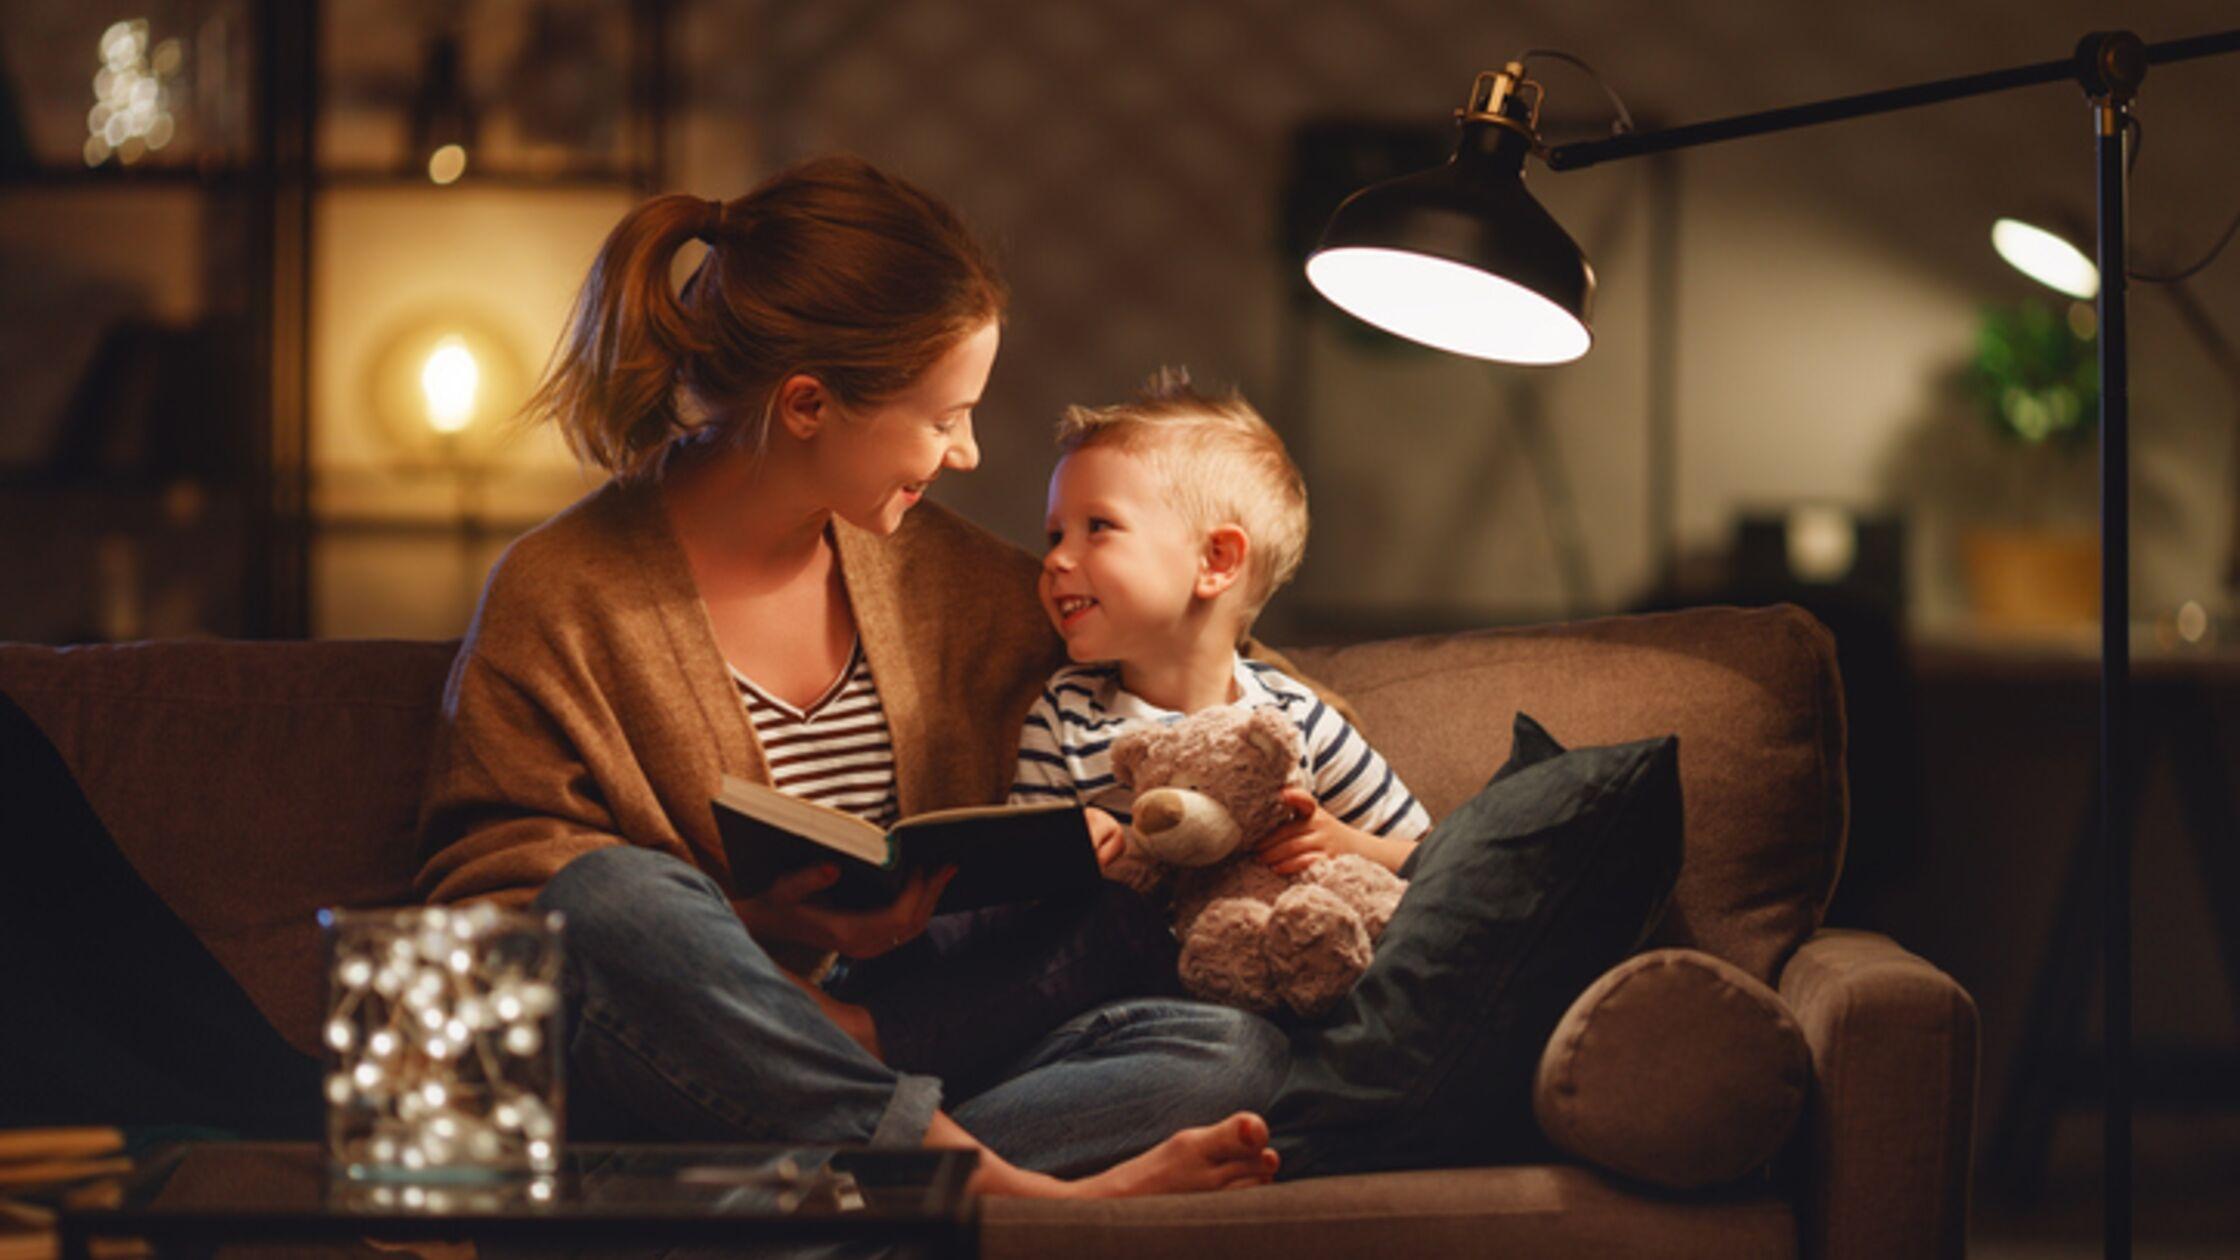 Lichtplanung: So rücken Sie Ihr Zuhause ins rechte Licht